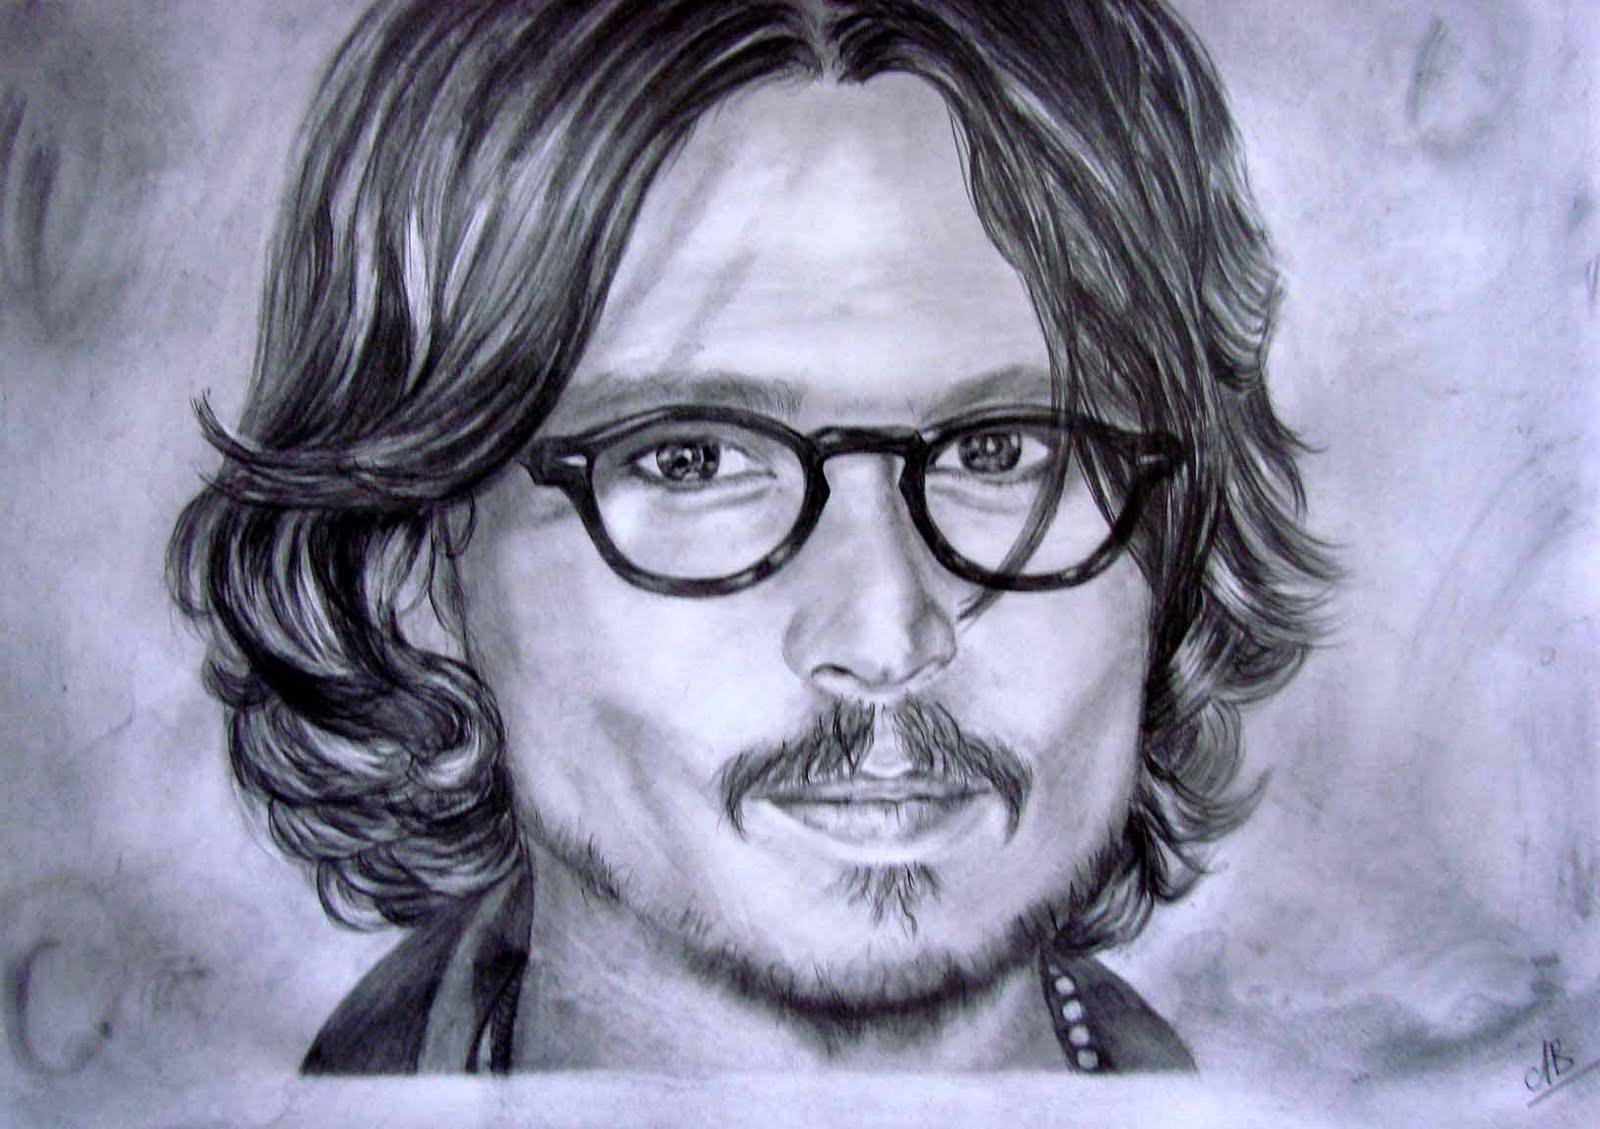 Le blog de b a mes dessins photos peintures johnny depp - Dessin johnny depp ...